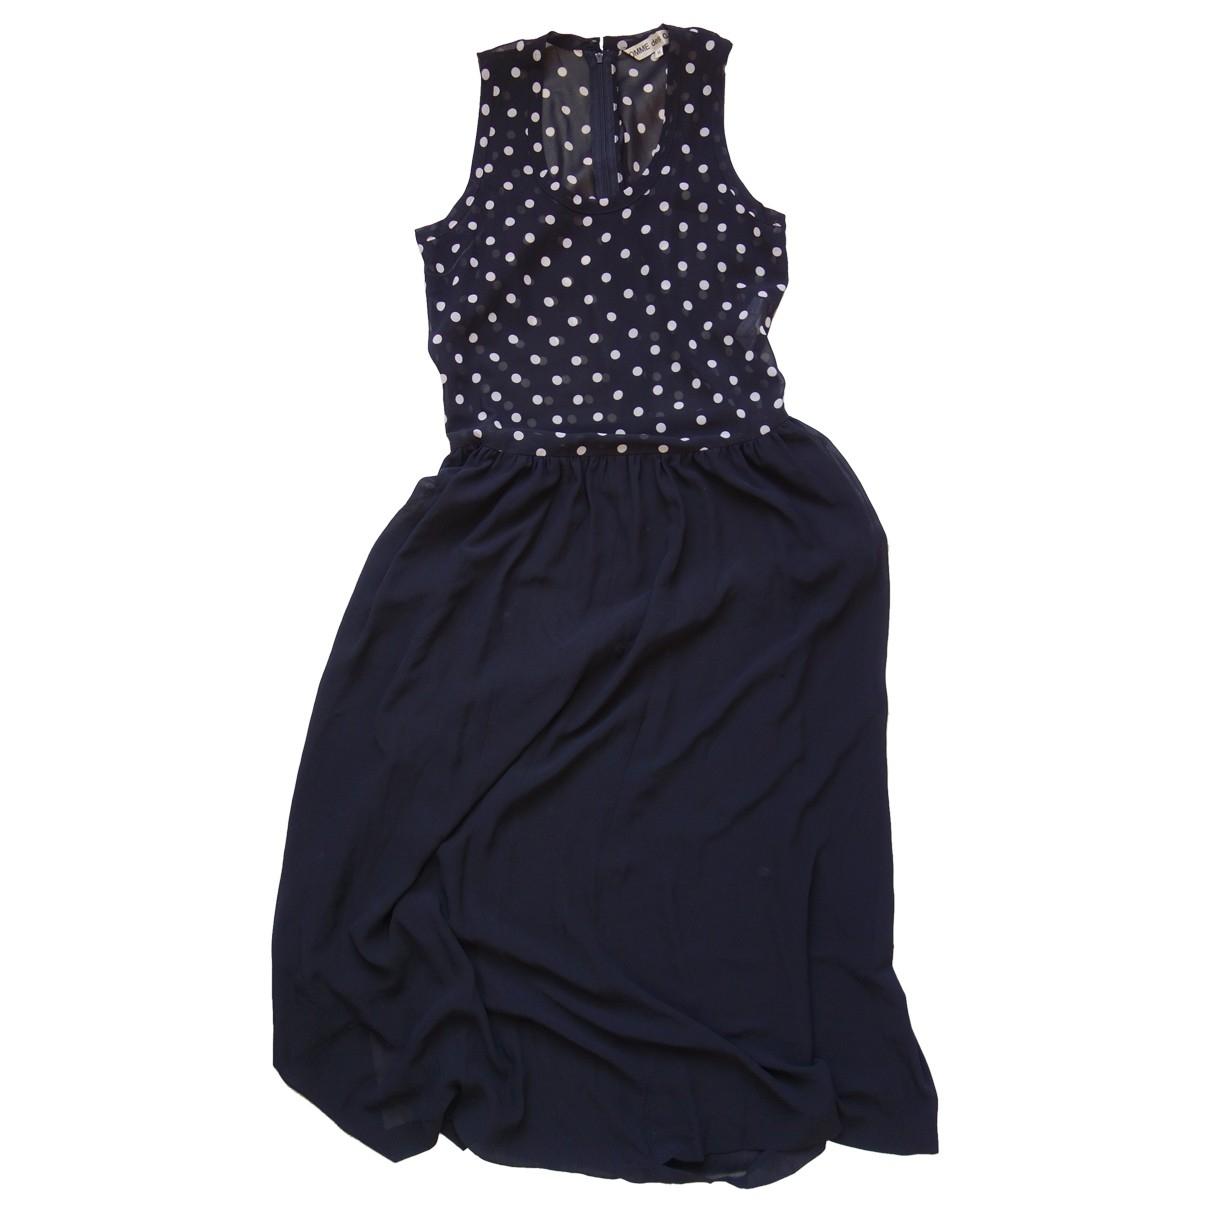 Comme Des Garcons \N Kleid in  Schwarz Polyester